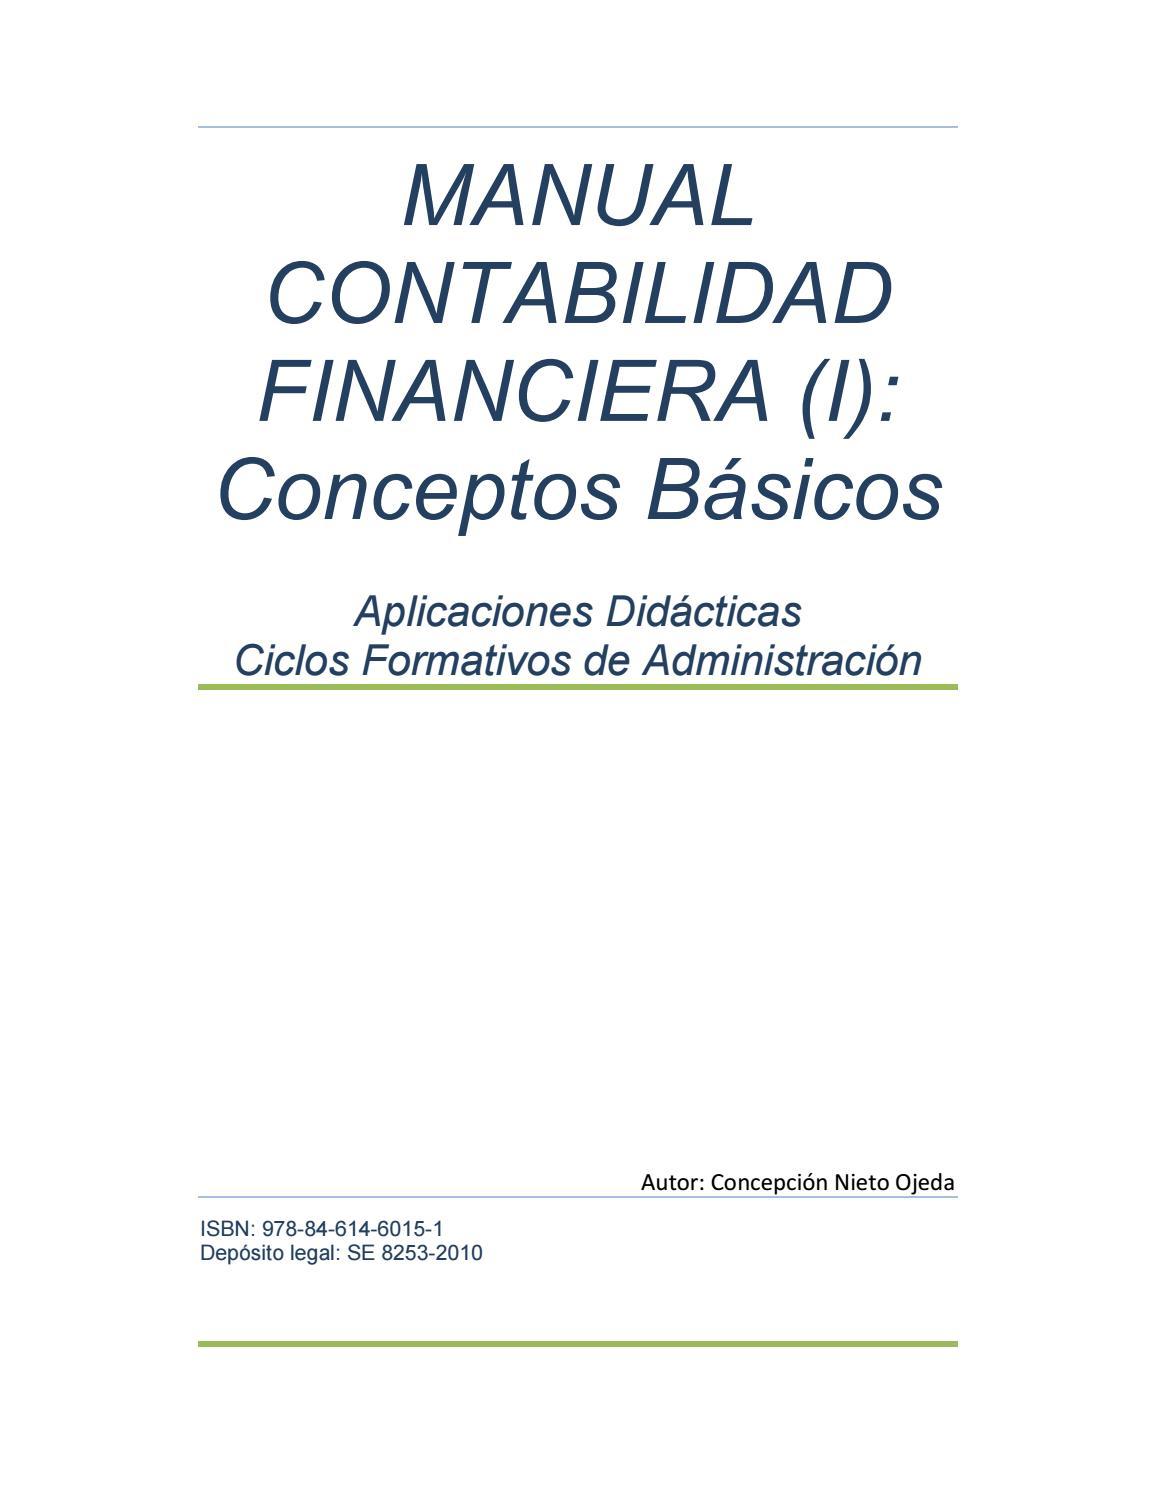 Manual de contabilidad financiera by Adeprin - issuu